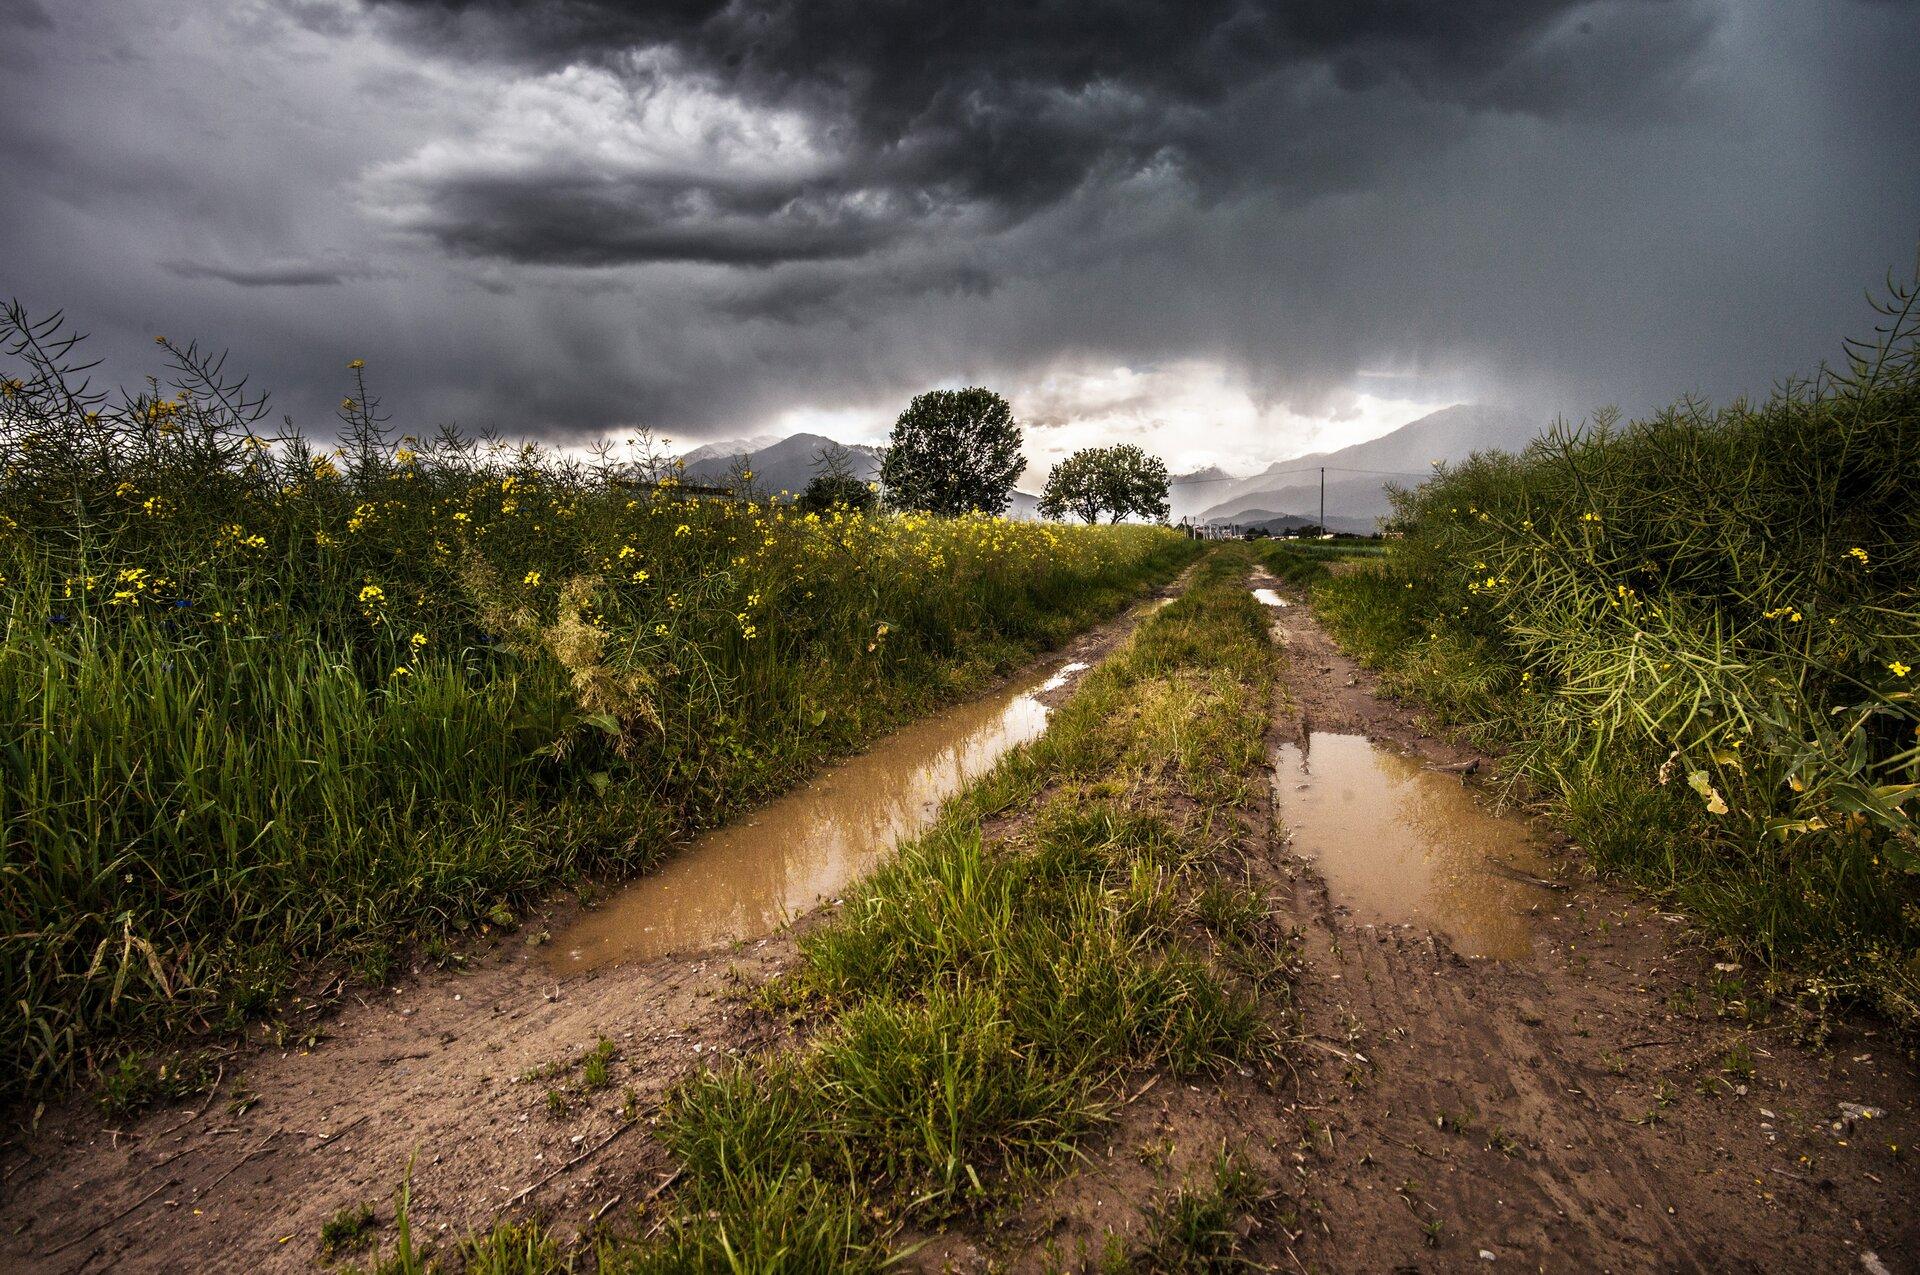 Dolina wdeszczu - zdjęcie do galerii Źródło: licencja: CC 0.